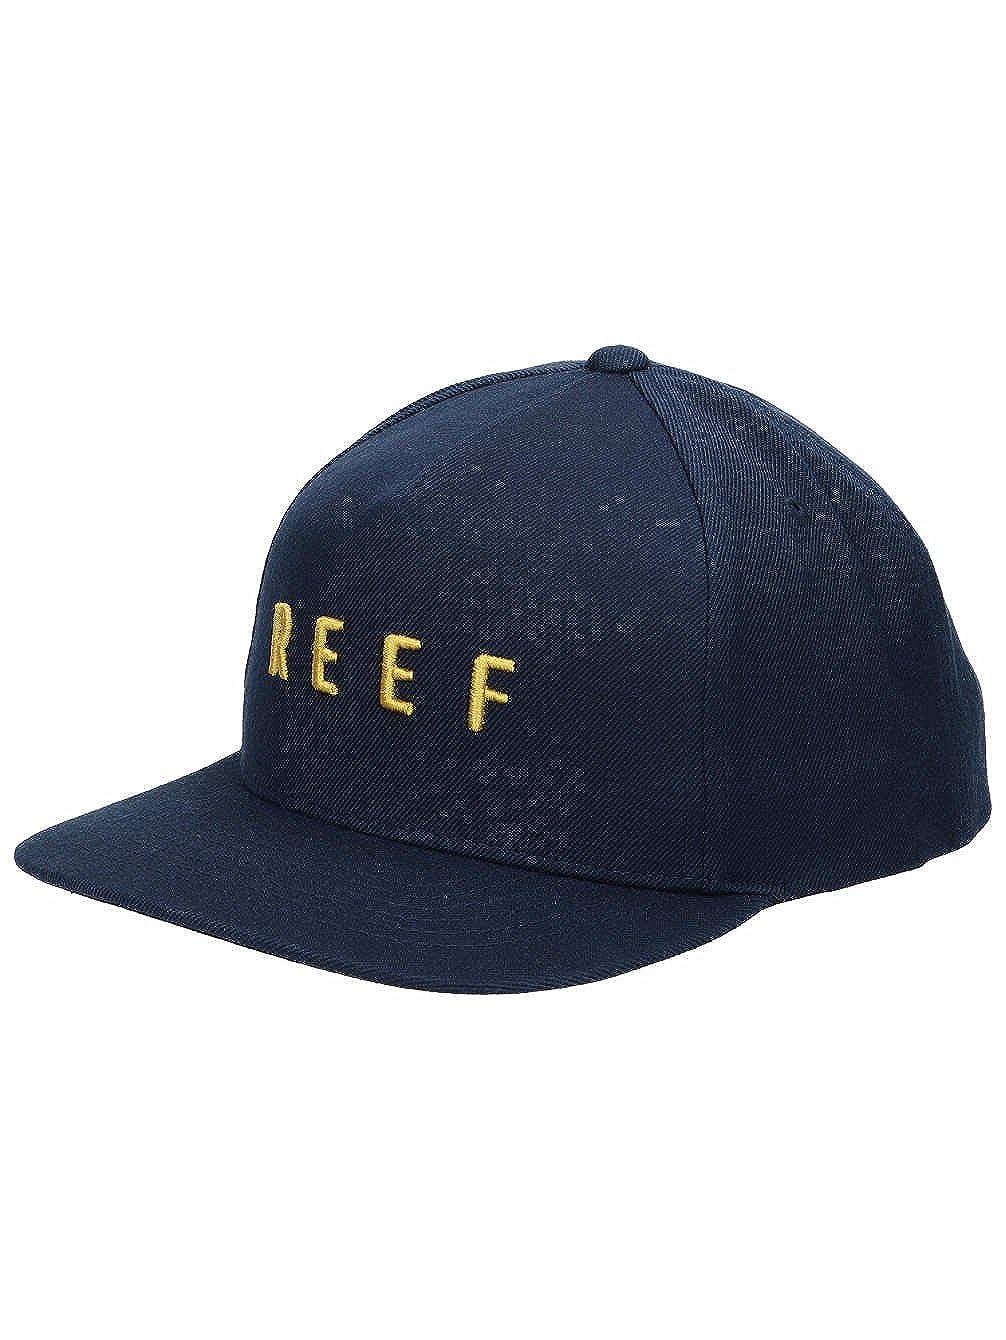 Reef - Gorro para Hombre - Azul - Talla única: Amazon.es: Ropa y ...